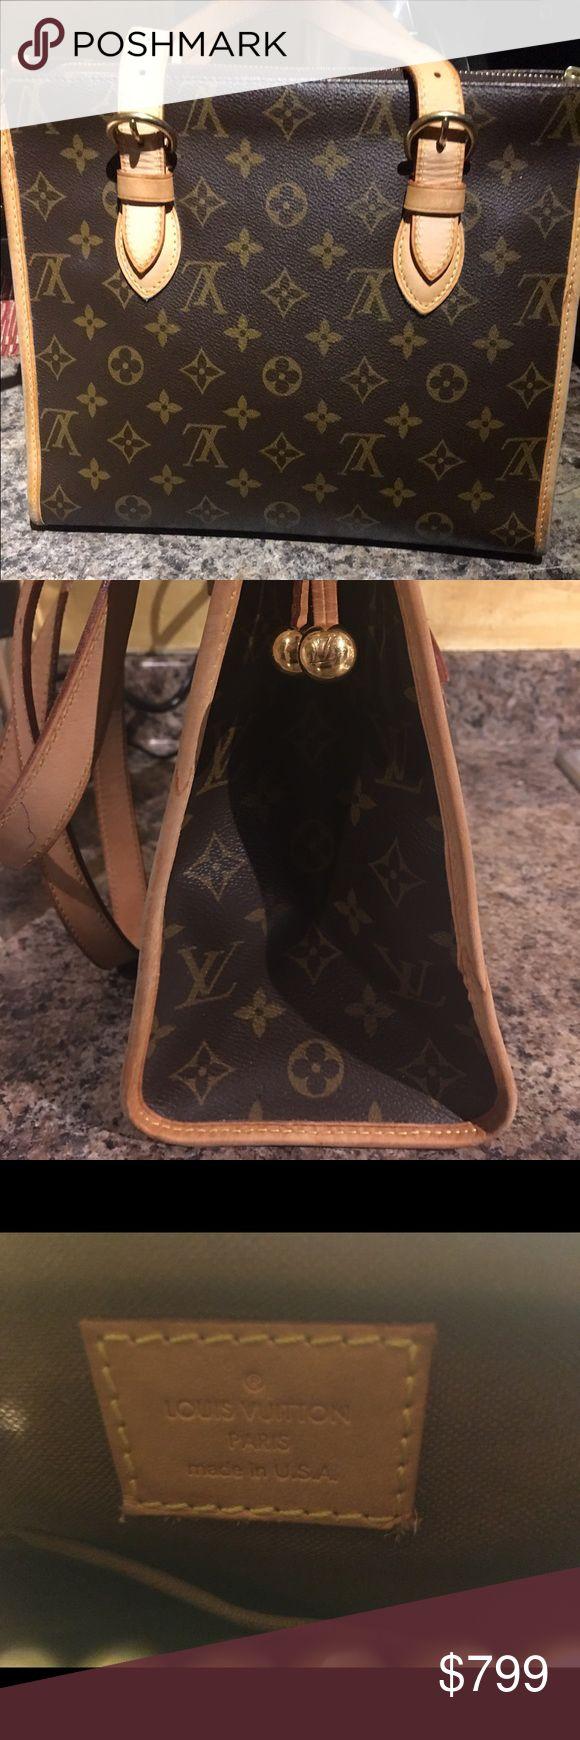 Louis Vuitton Monogram Popincourt Haut Tote Bag Louis Vuitton Monogram Popincourt Haut Tote Bag M40007-C04428 in Great condition! Authentic!!!!!!!!! Louis Vuitton Bags Shoulder Bags